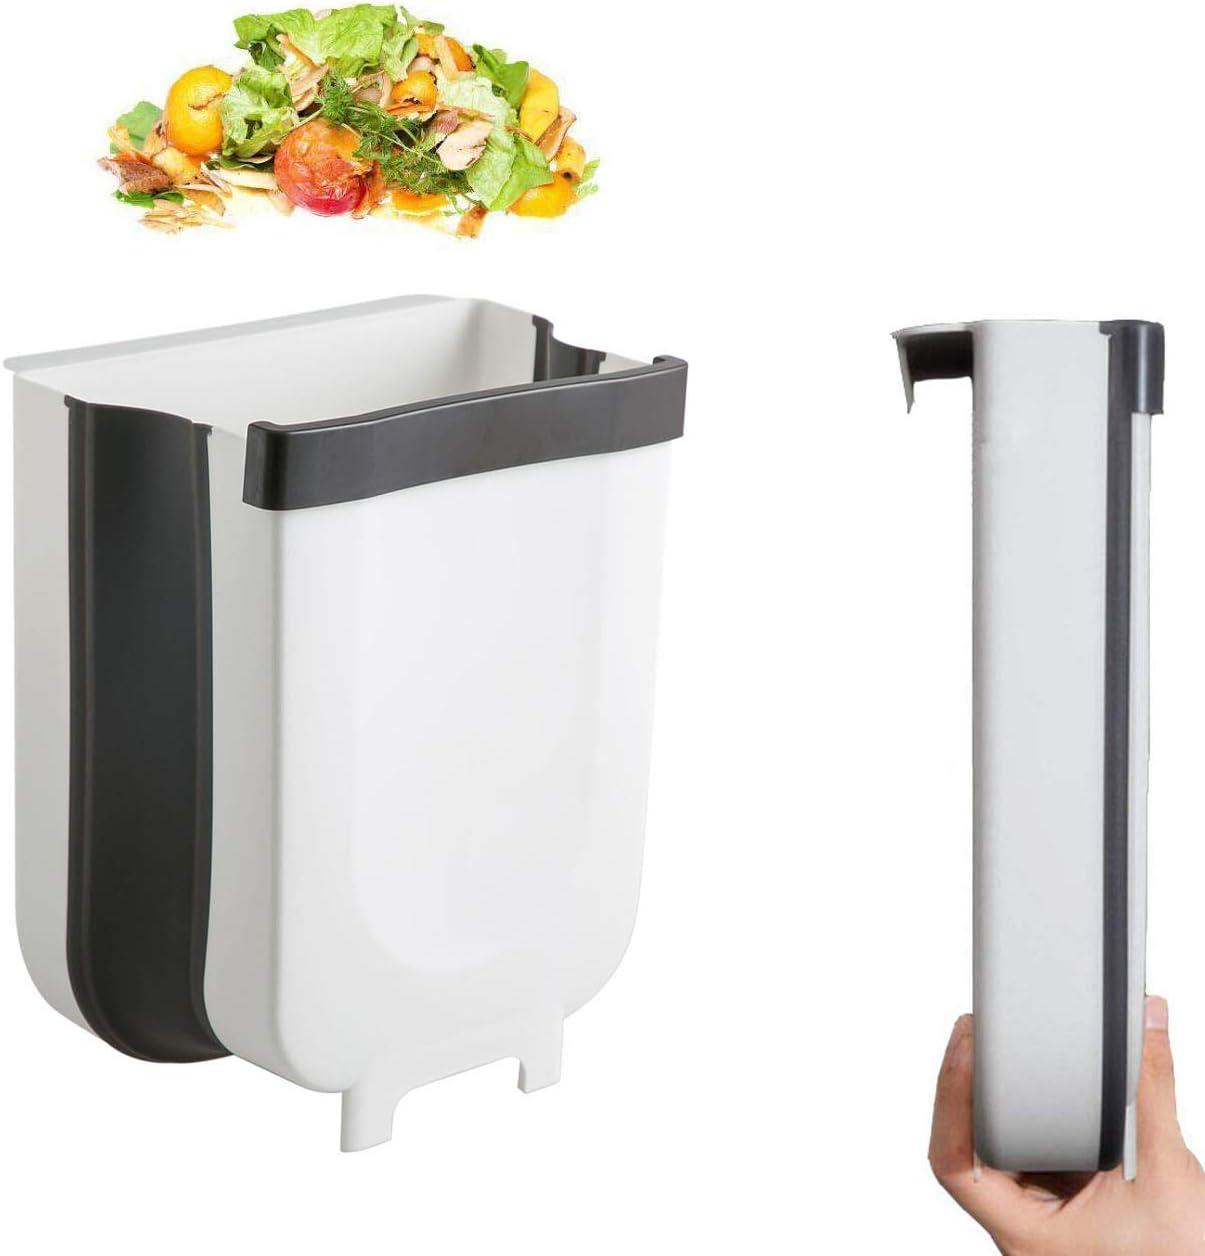 Kitchenmore Papelera para Colgar, Cubo de Basura Plegable para Puerta de Armario de Cocina, pequeña y compacta, Mini portátil para el hogar y el Aire Libre …